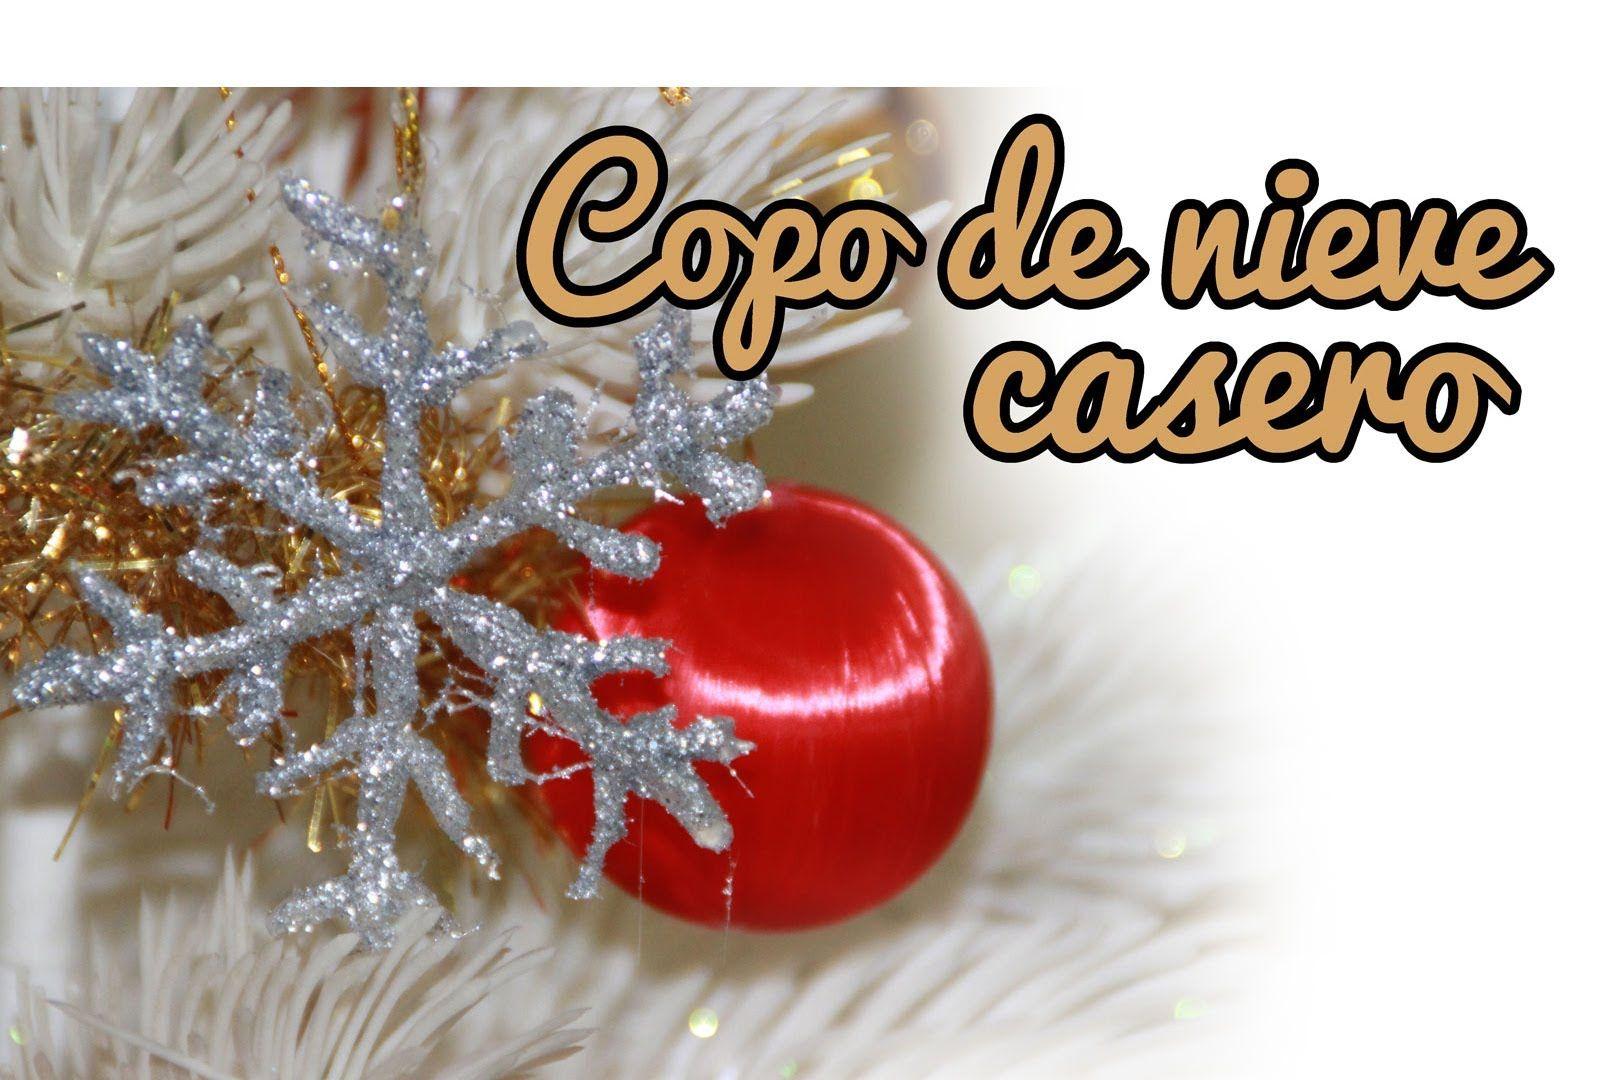 Copo de nieve casero adornos navideos Manualidades de navidad